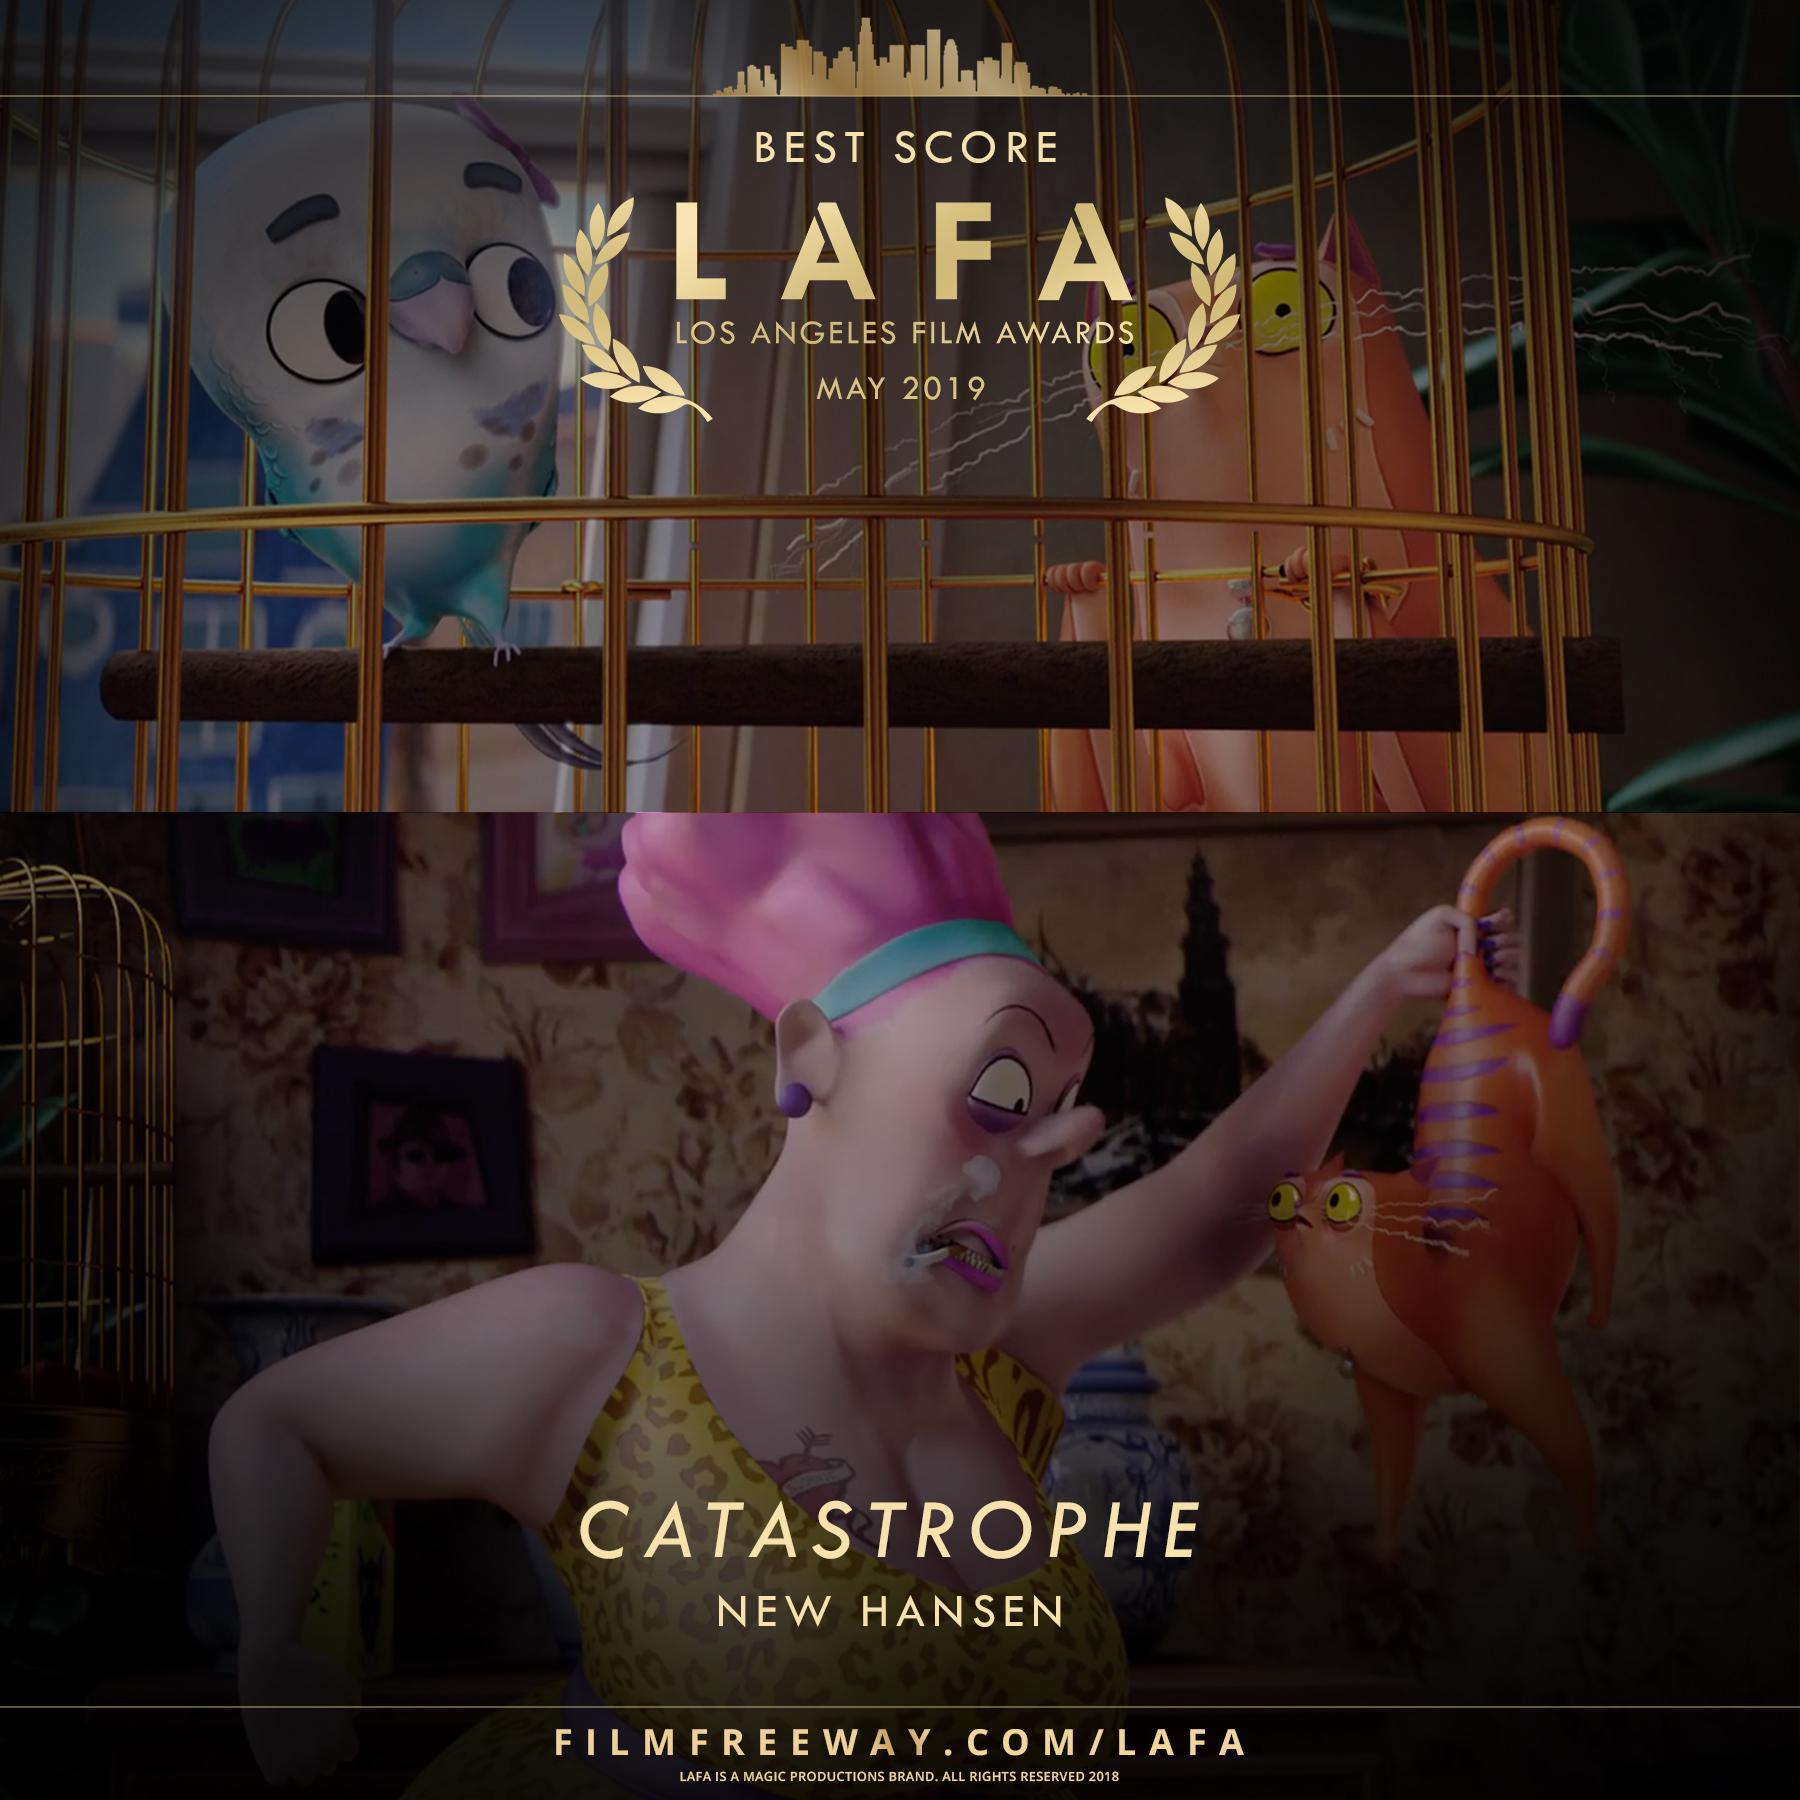 CATASTROPHE design